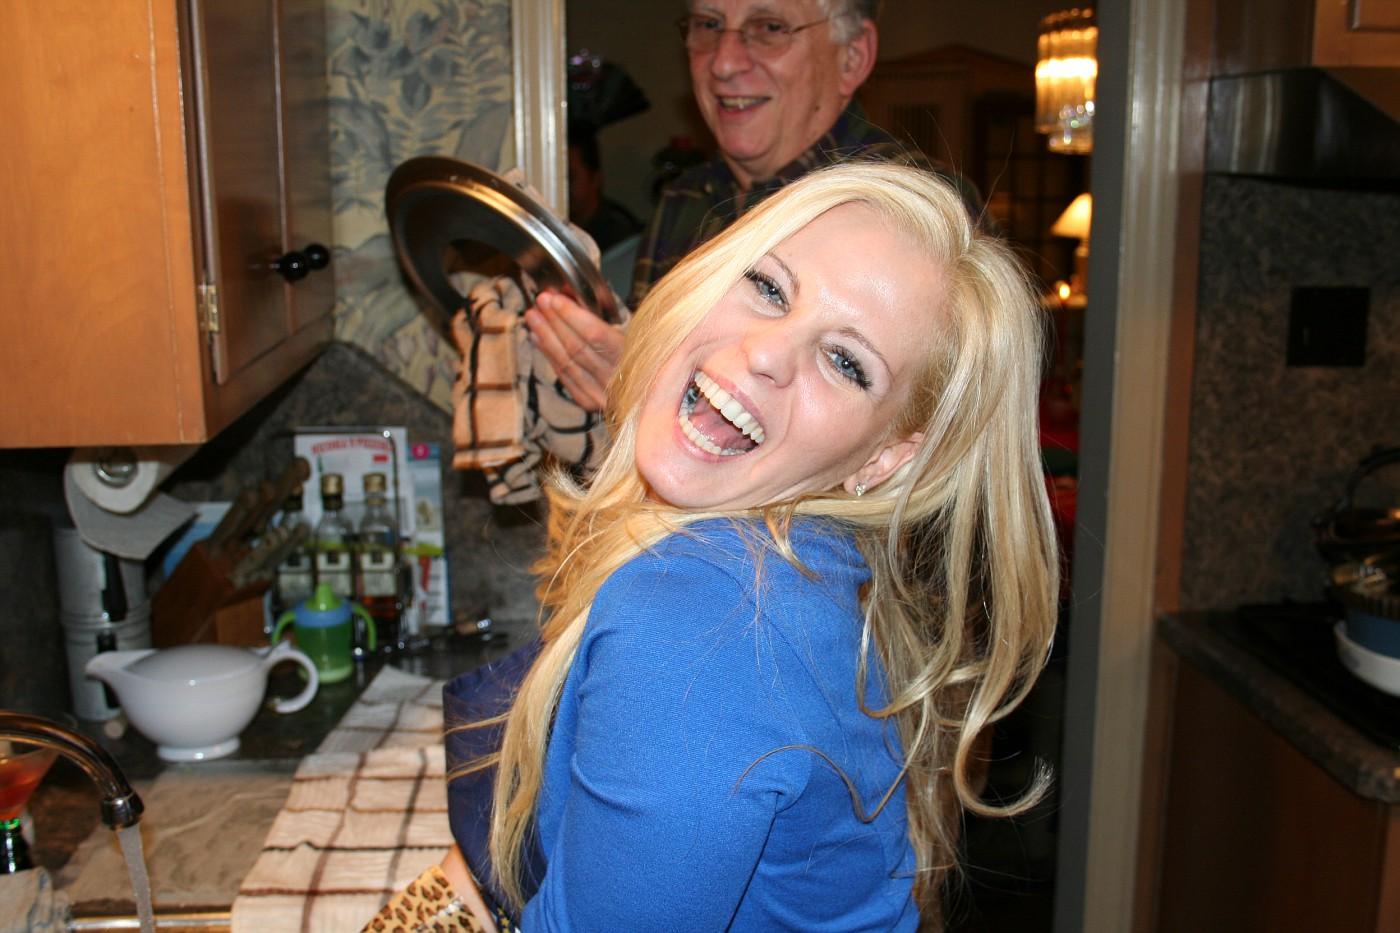 I make doing dishes glamorous